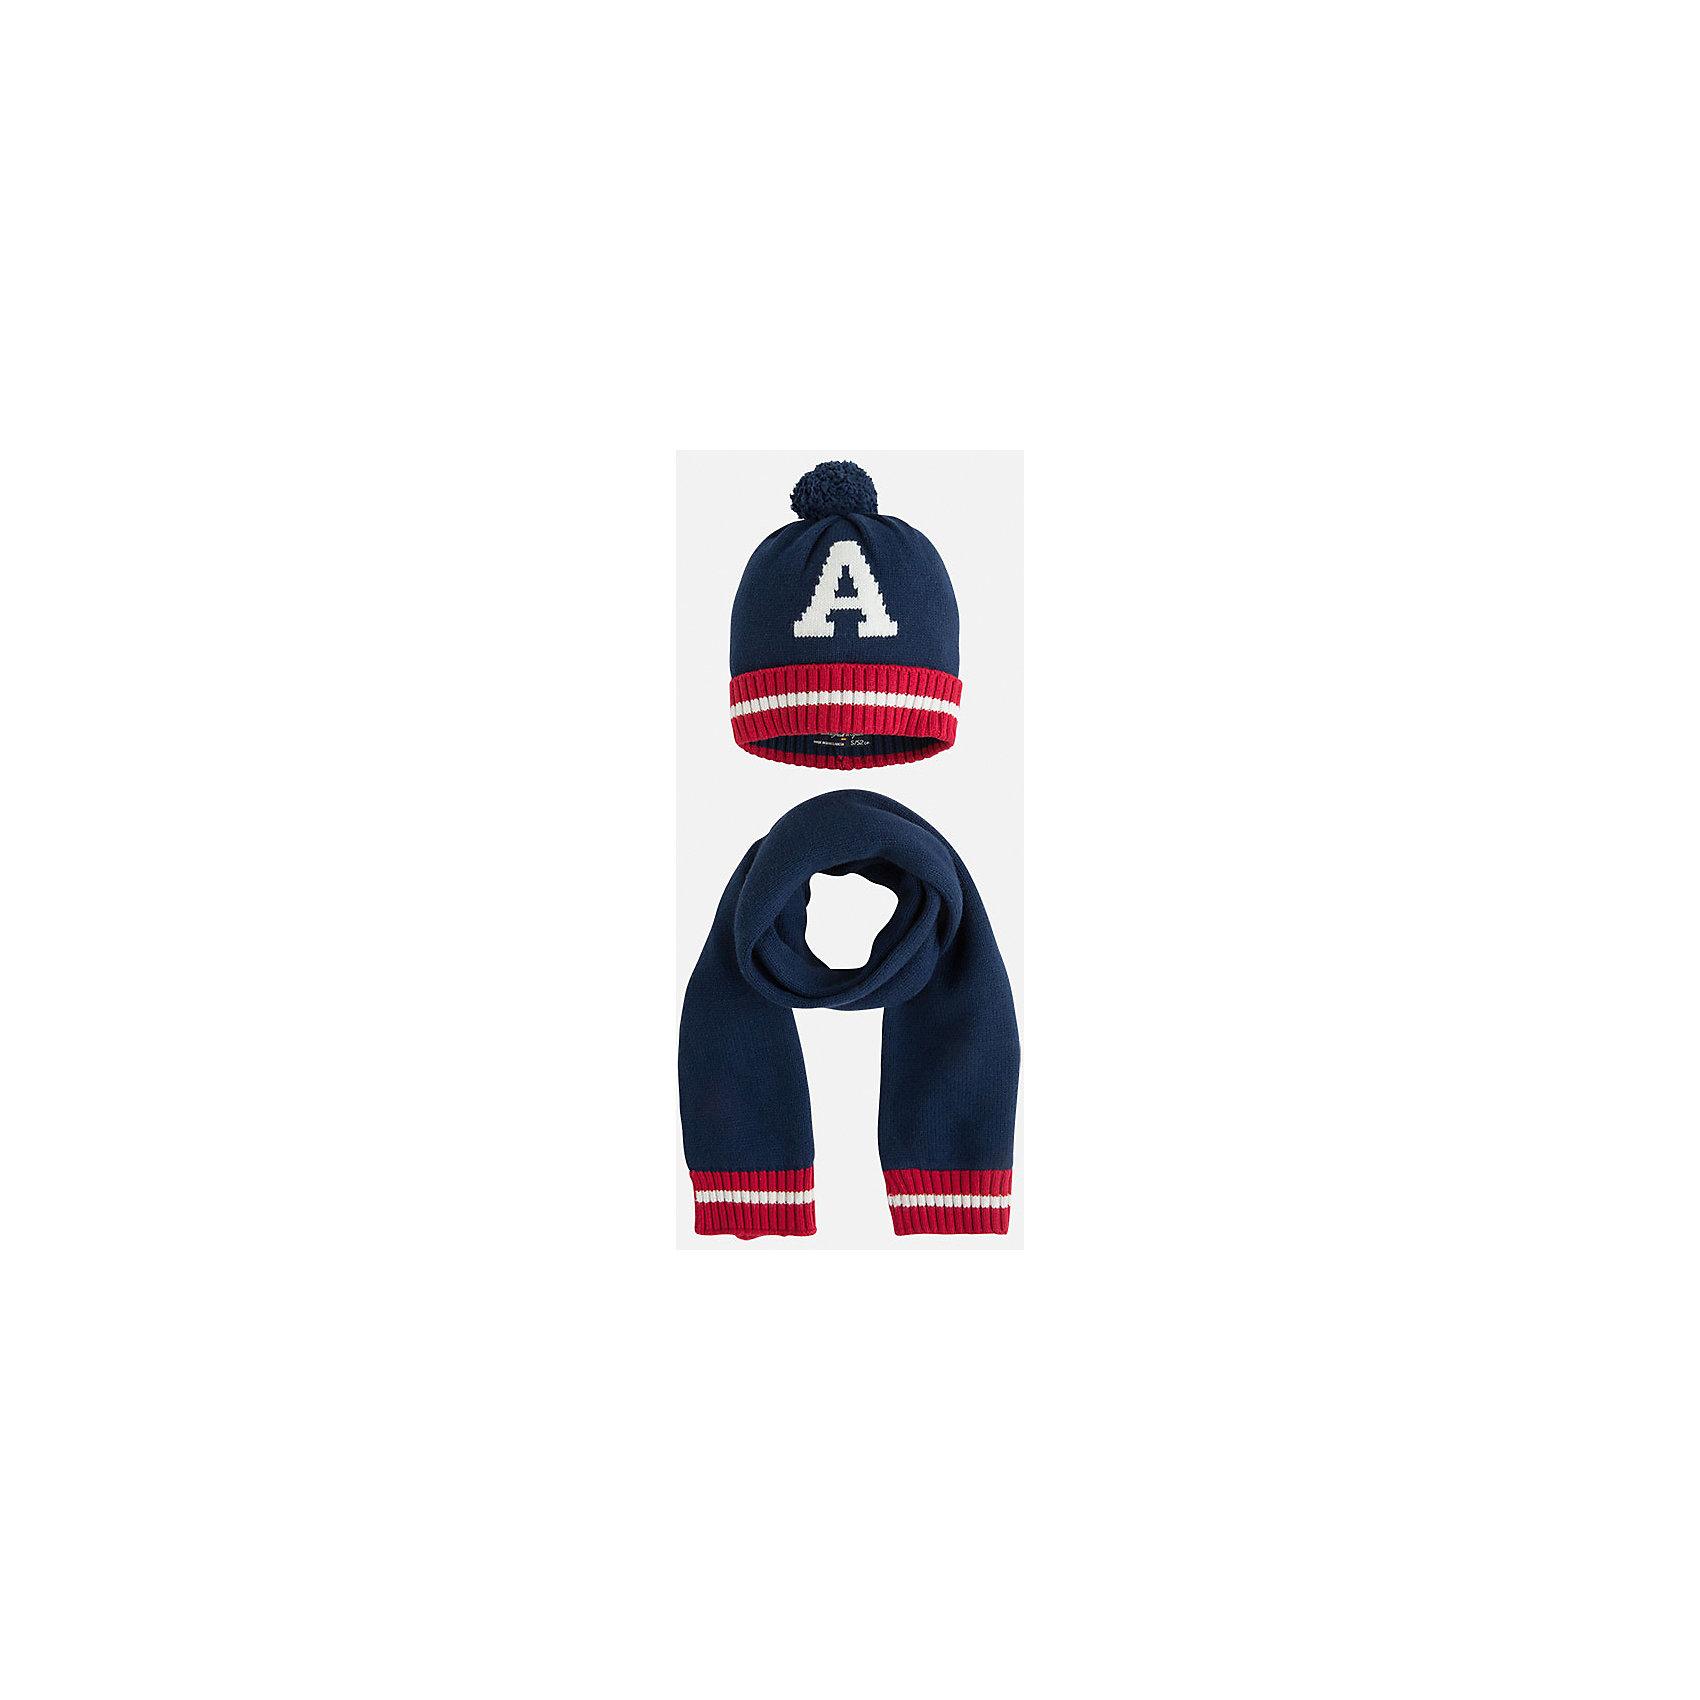 Комплект: шапка-шарф для мальчика MayoralКомплект из шапки и шарфа от известного испанского бренда Mayoral. Комплект изготовлен из качественных водоотталкивающих материалов. Шарф и шапка дополнены полосками красного и белого цвета. На шапке рисунок в виде буквы А и помпон.<br>Дополнительная информация:<br>-цвет: темно-синий<br>-состав: 60% хлопок, 30% полиамид, 10% шерсть<br>Комплект из шапки и шарфа вы можете приобрести в нашем интернет-магазине.<br><br>Ширина мм: 89<br>Глубина мм: 117<br>Высота мм: 44<br>Вес г: 155<br>Цвет: синий<br>Возраст от месяцев: 72<br>Возраст до месяцев: 84<br>Пол: Мужской<br>Возраст: Детский<br>Размер: 54,50,52<br>SKU: 4820189